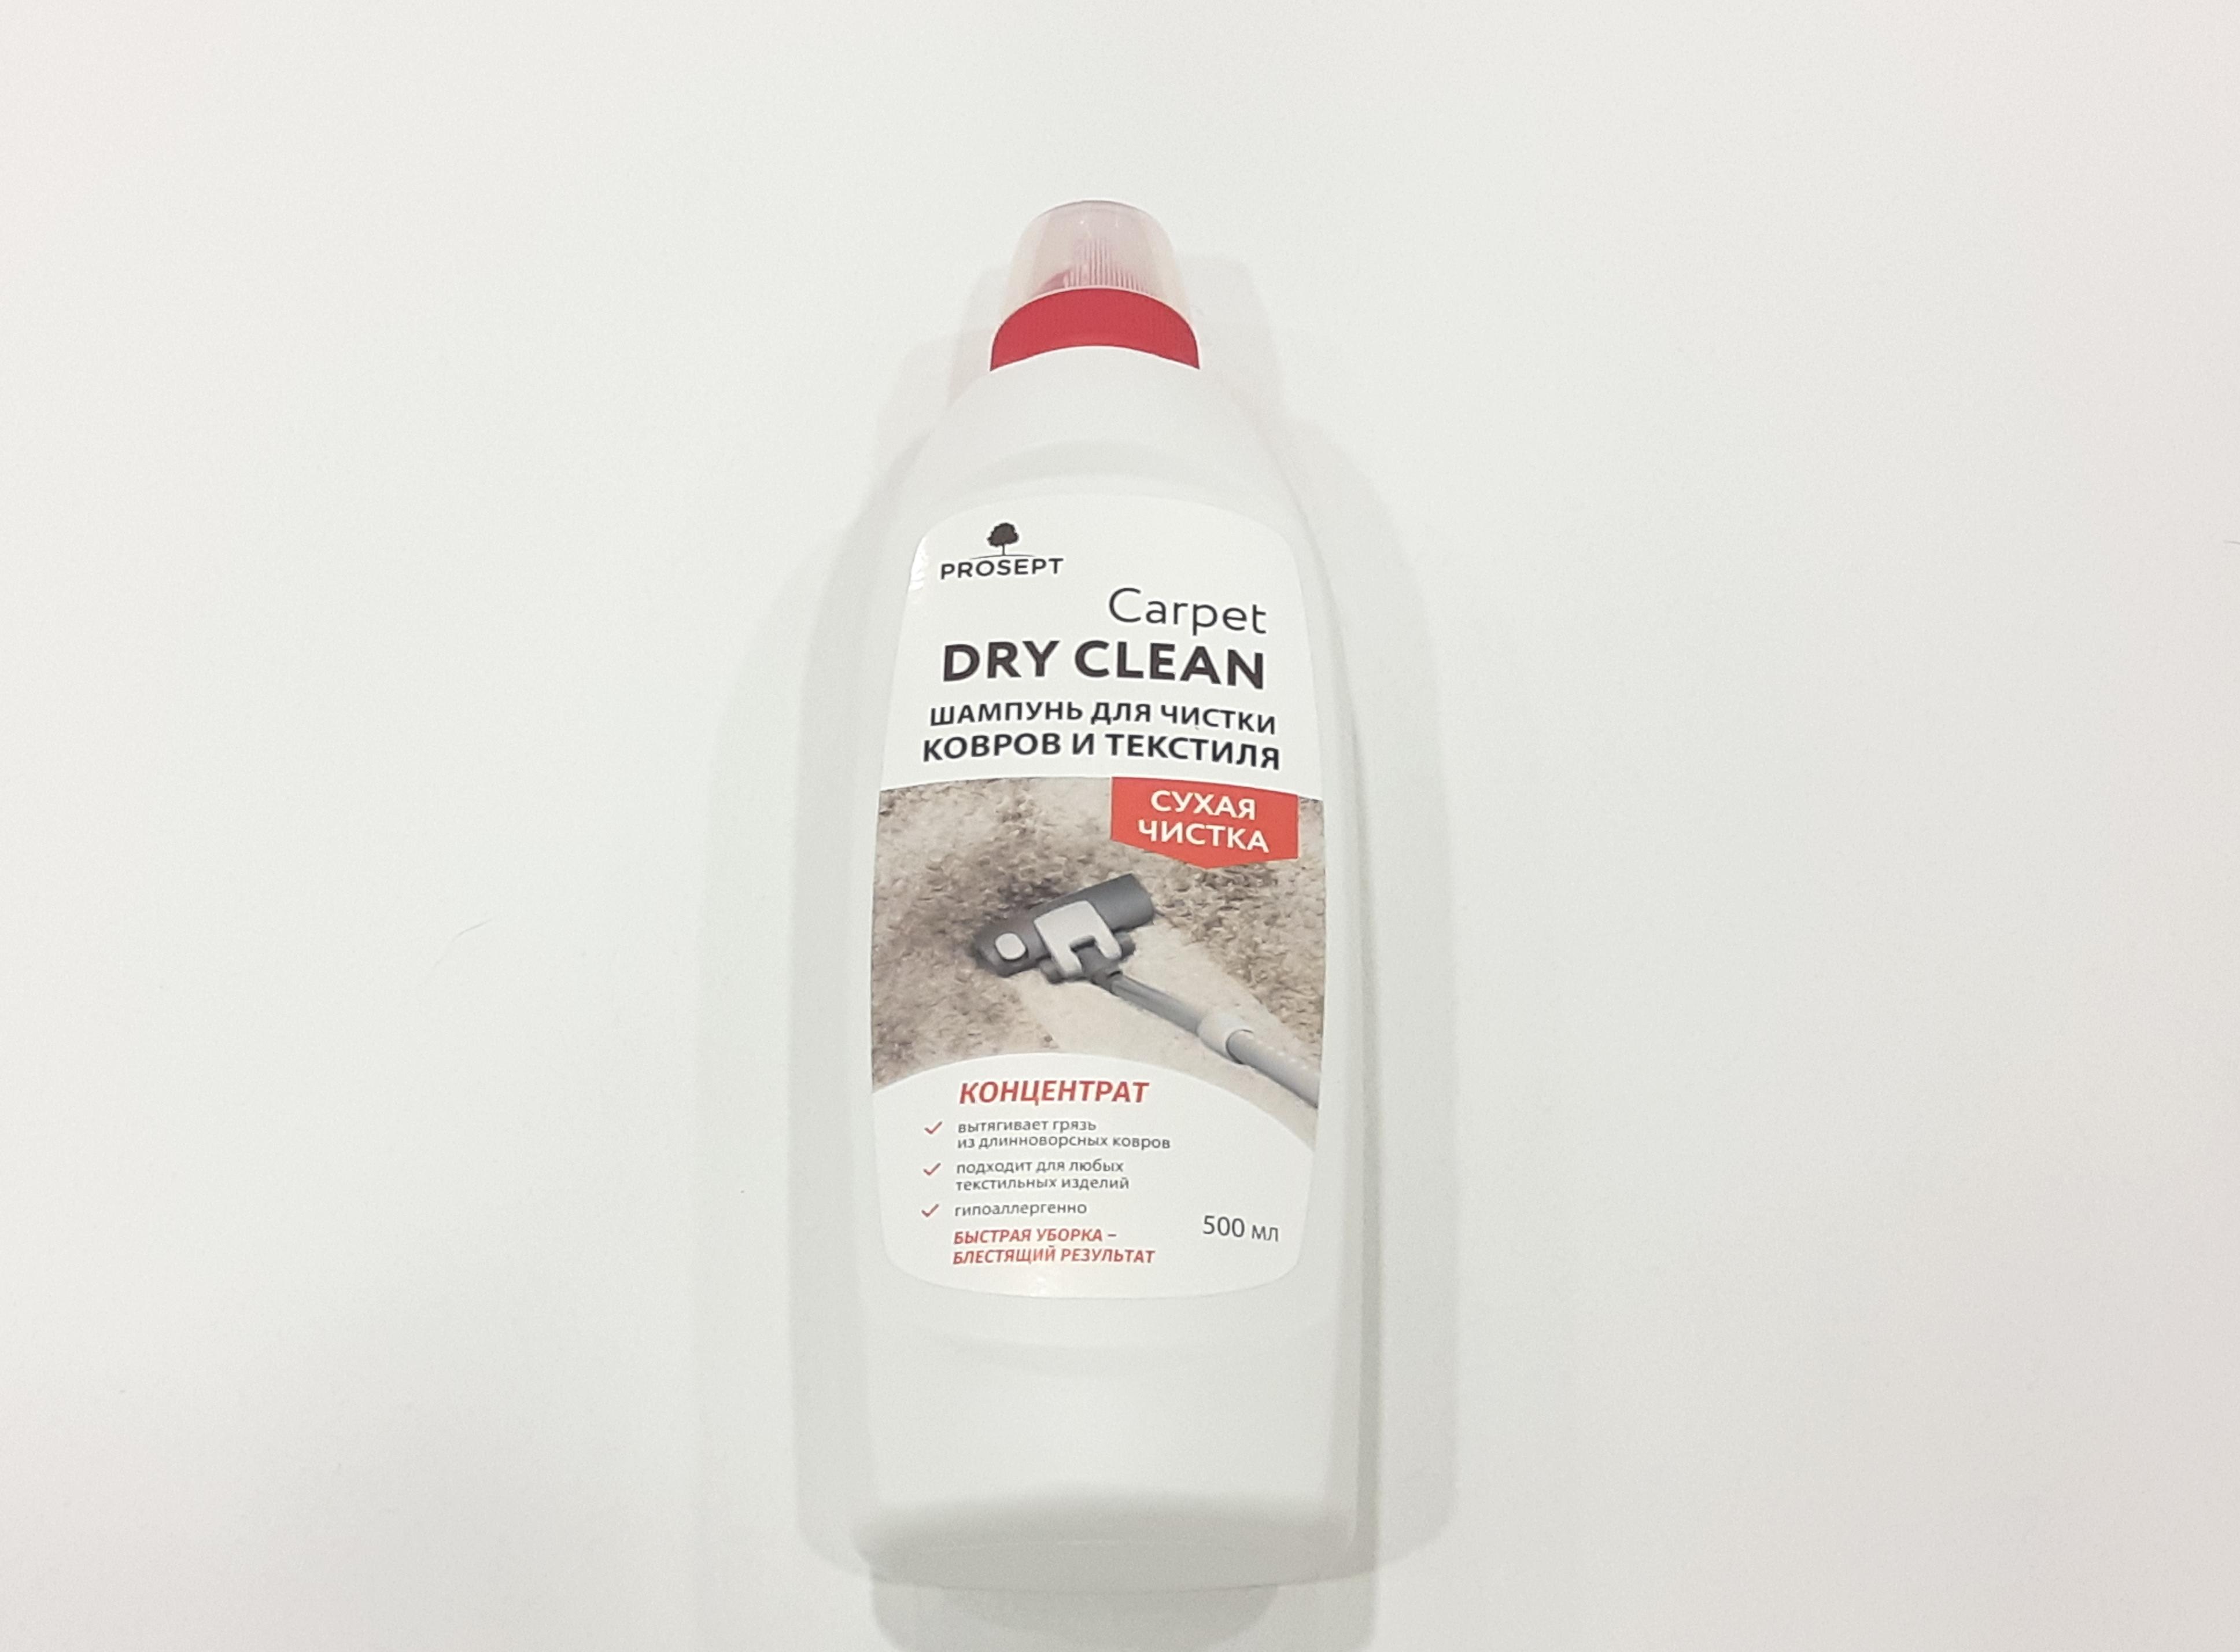 шампунь для чистки ковров и текстиля